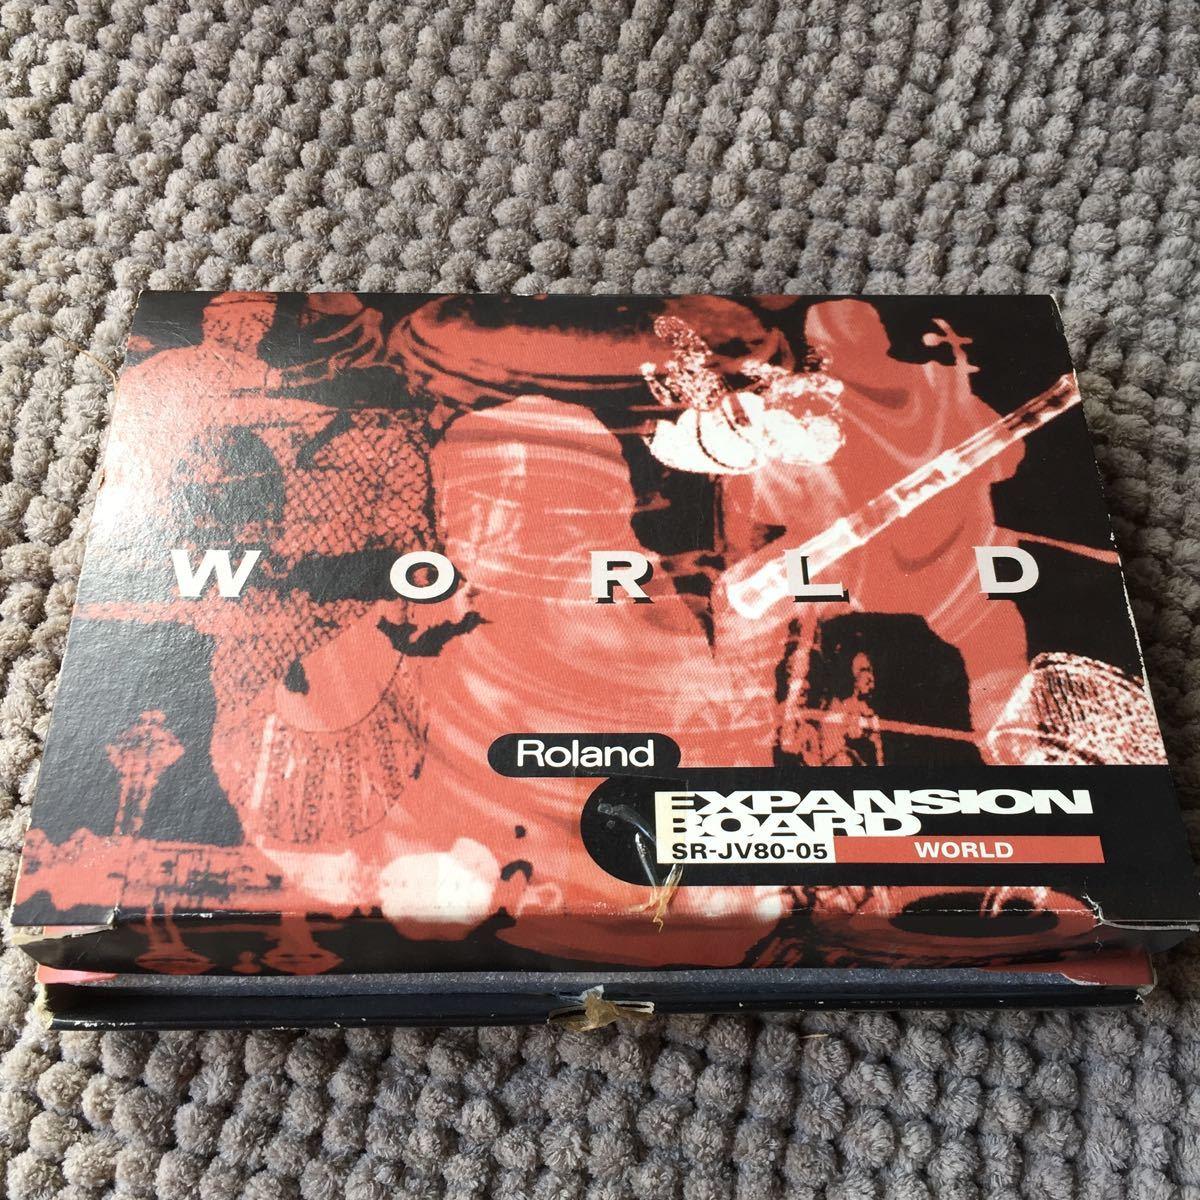 希少 2枚セット Roland expansion board SR-JV80-10 bass&drum SR-JV80-05 world_画像5